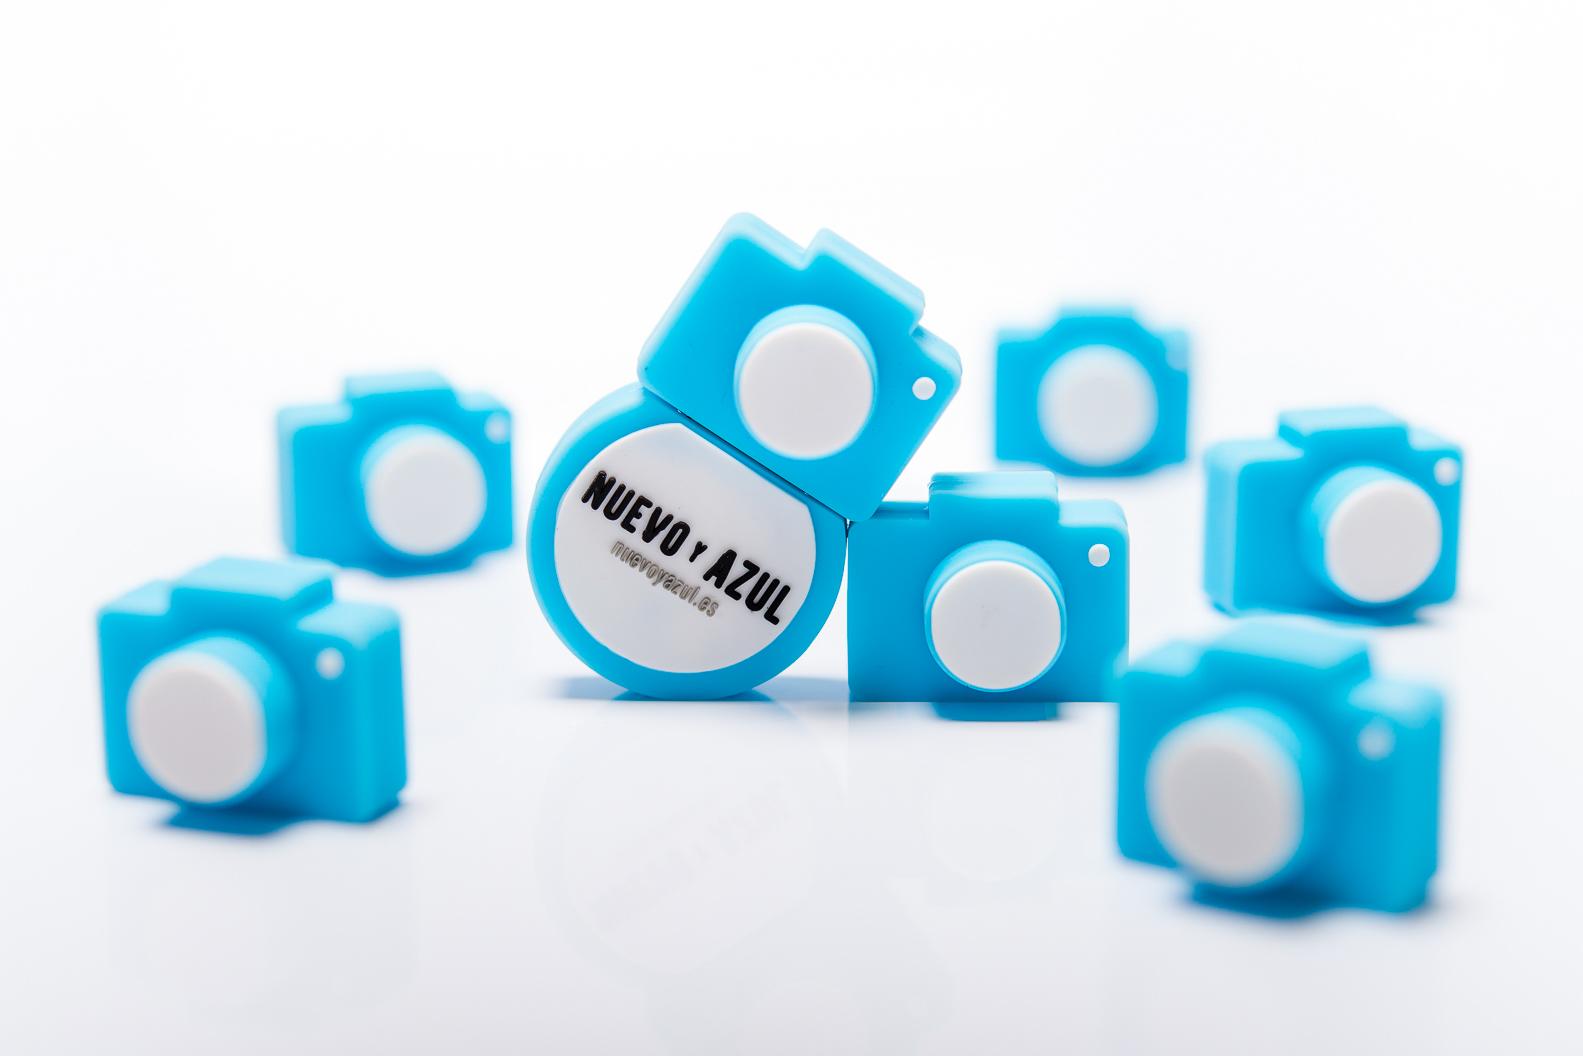 Nuevo y Azul